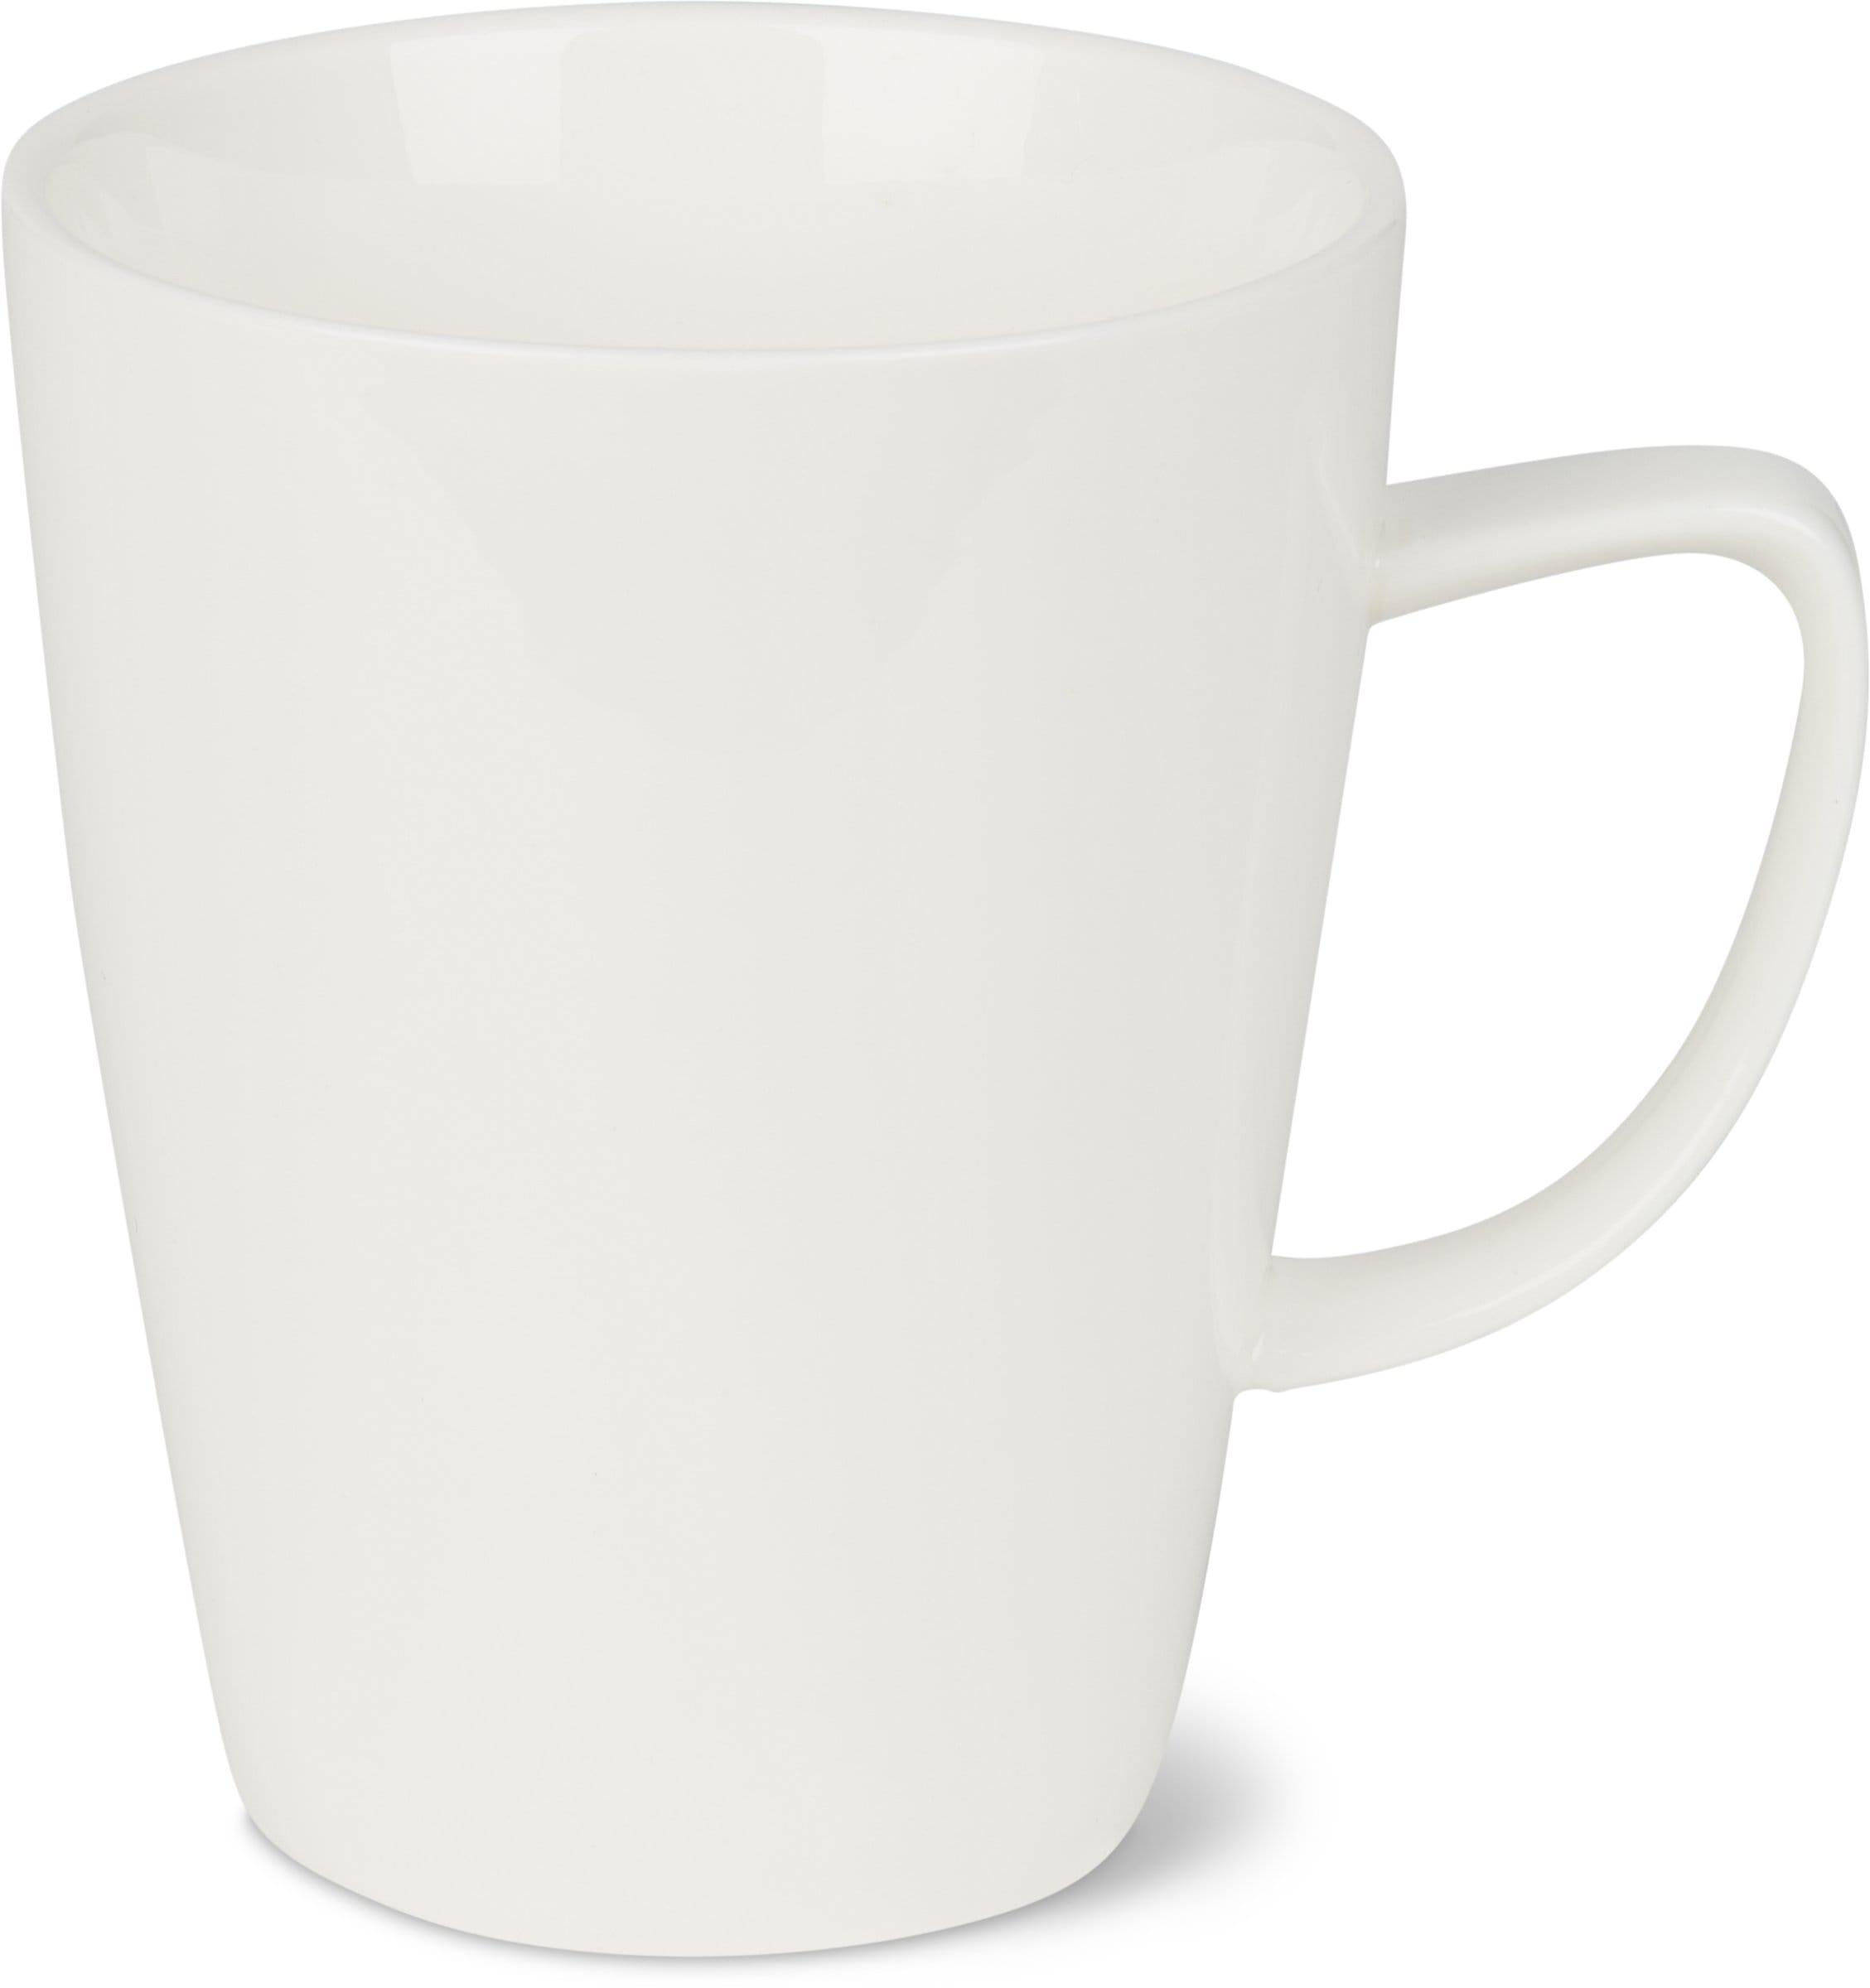 Cucina & Tavola FINE LINE Mug